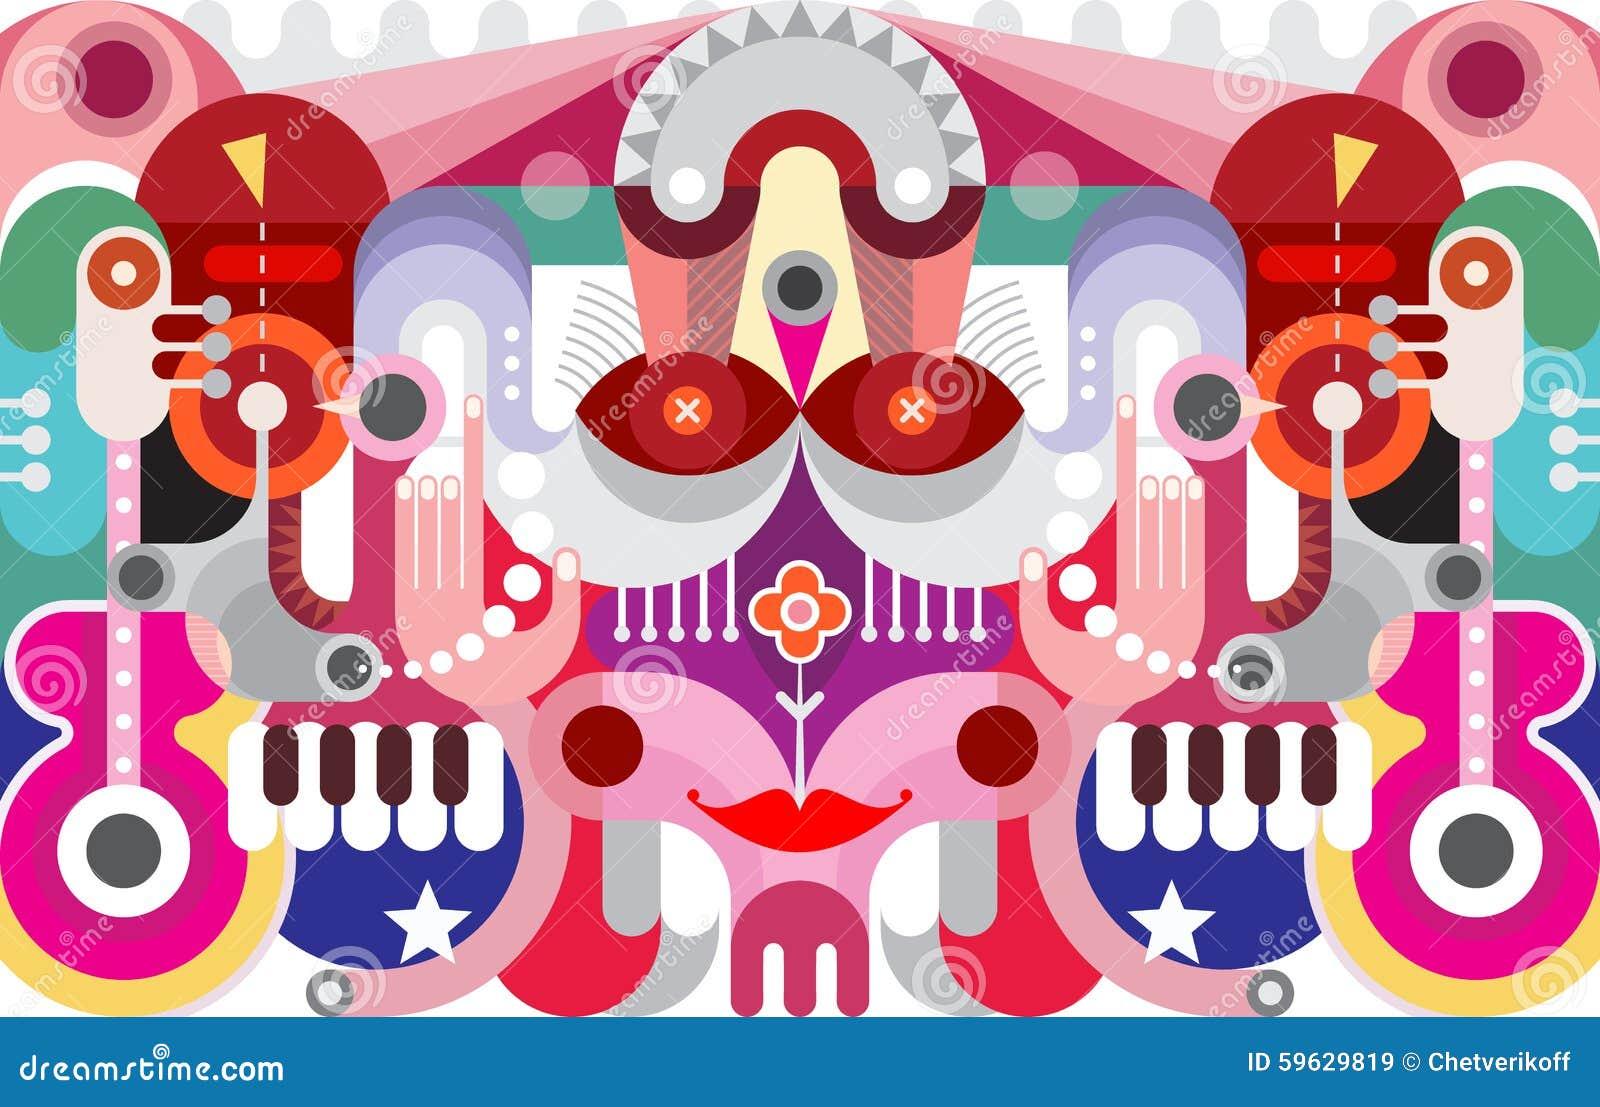 抽象派图形设计 背景五颜六色的向量 各种各样的对象和形状装饰拼贴画图片